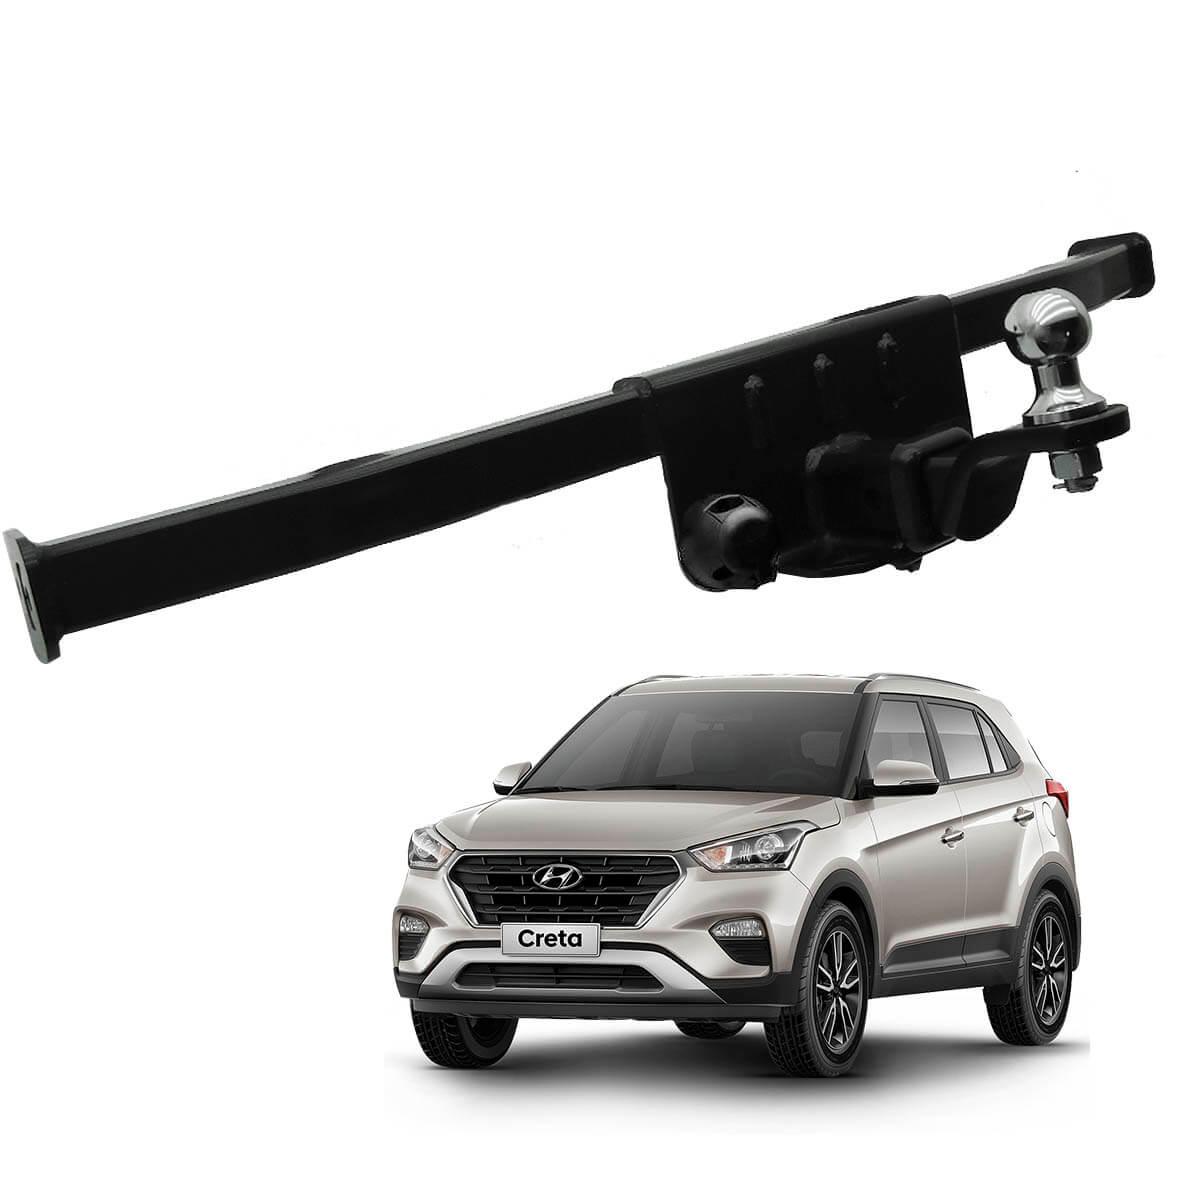 Engate de reboque Hyundai Creta 2017 2018 Keko K1 removível 750 kg